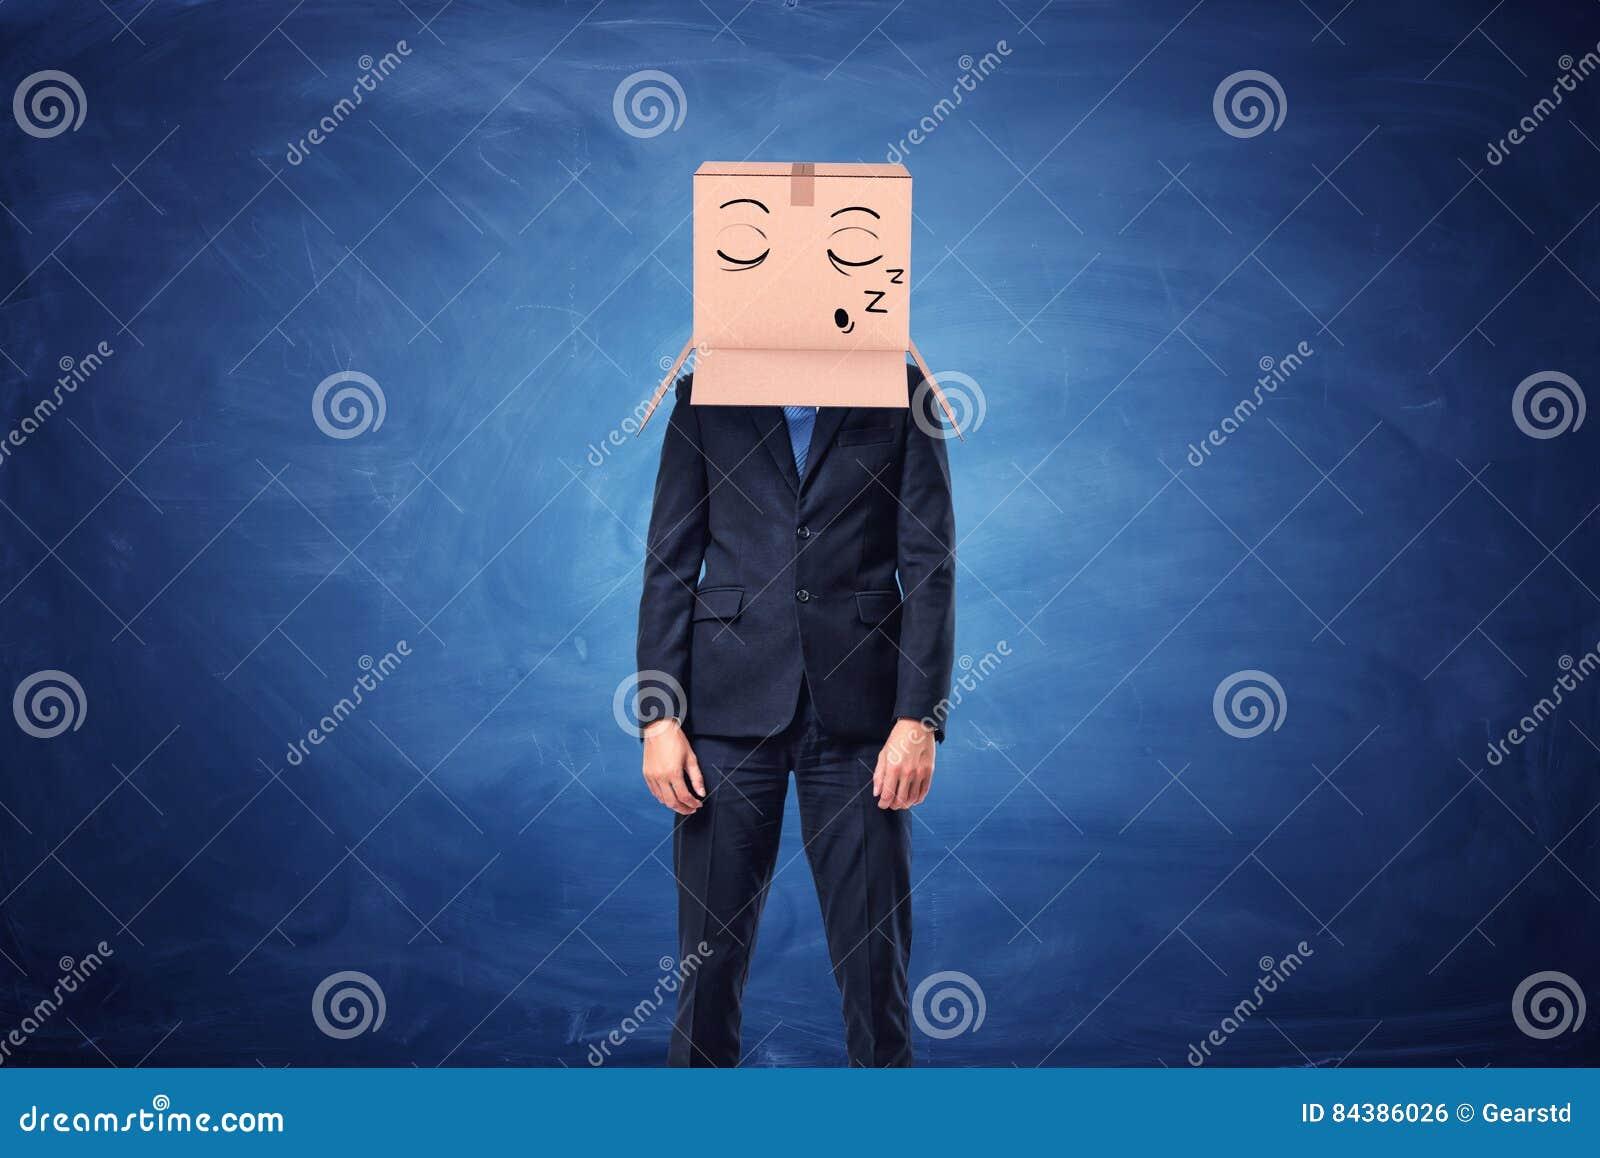 De zakenman draagt kartondoos op hoofd met slaperig gezicht